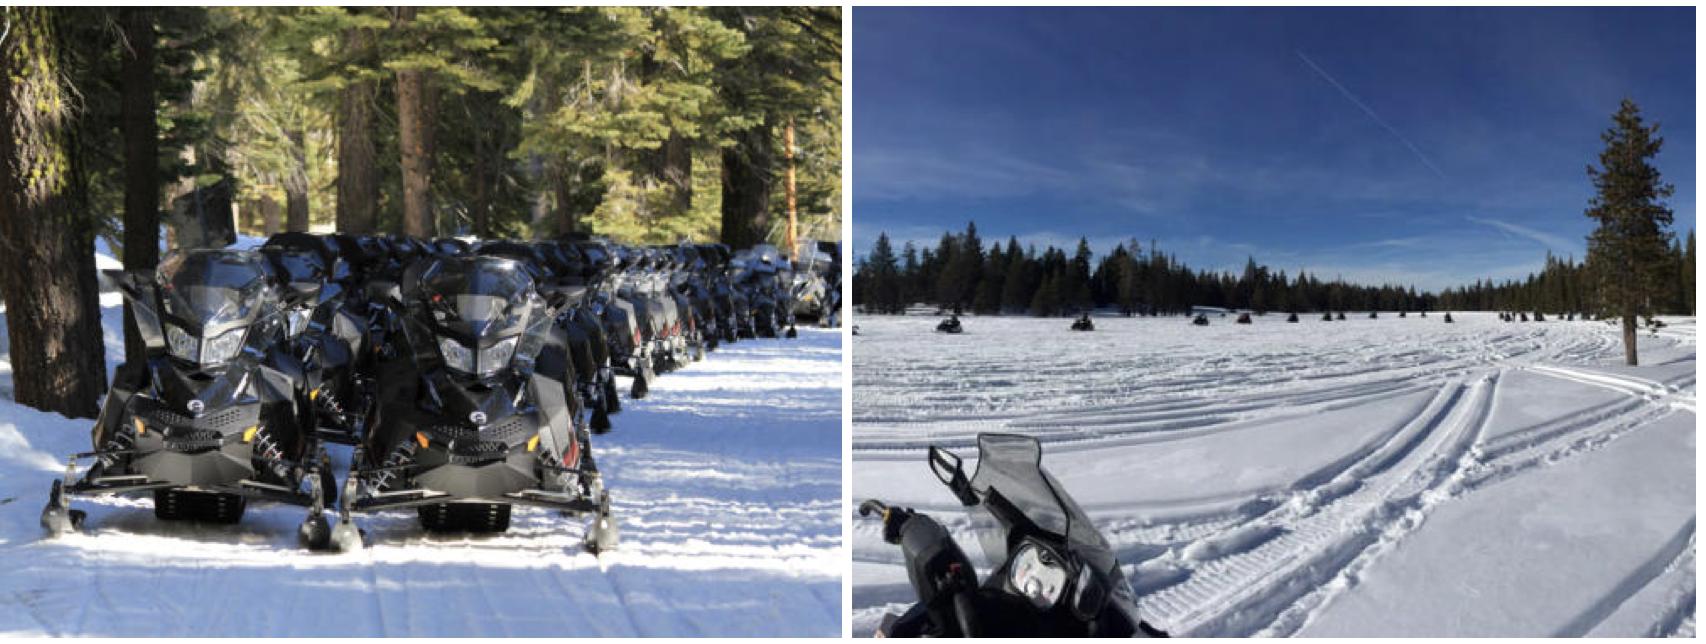 lake tahoe snowmobiling tours